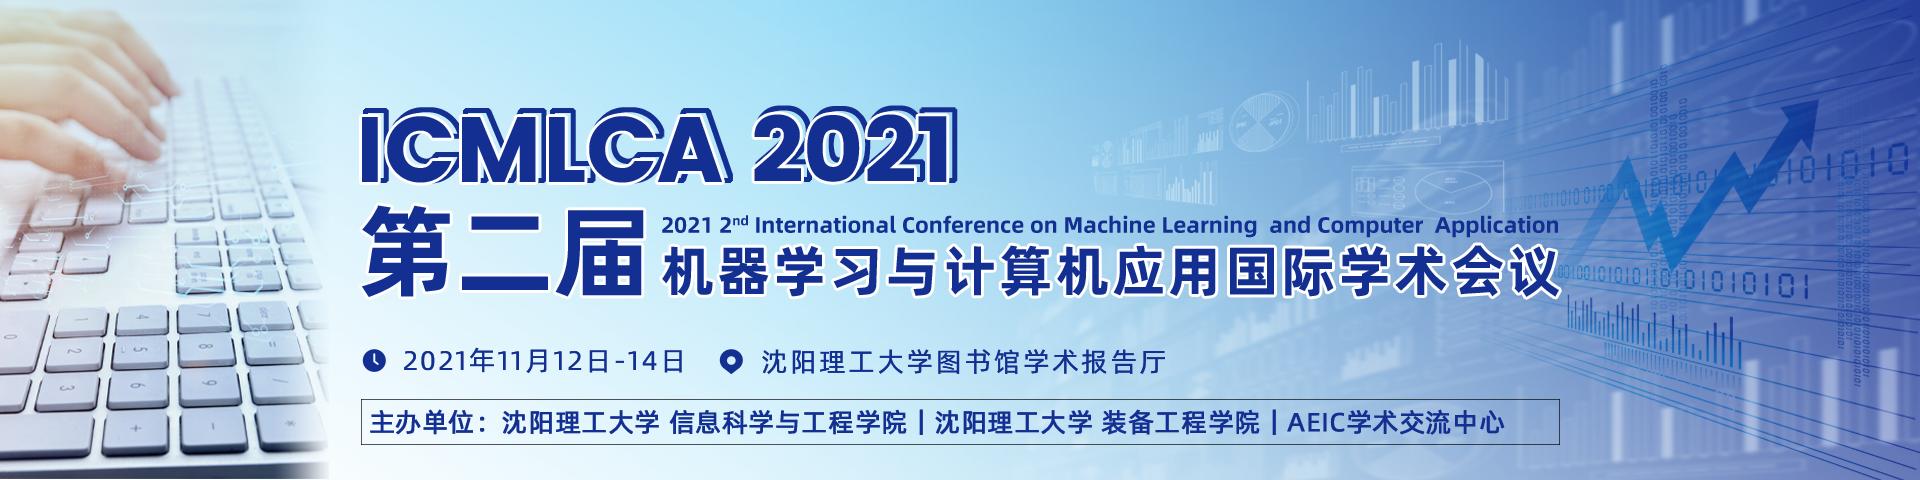 (无检索)11月沈阳-ICMLCA2021 -banner中-何霞丽-20210407.png